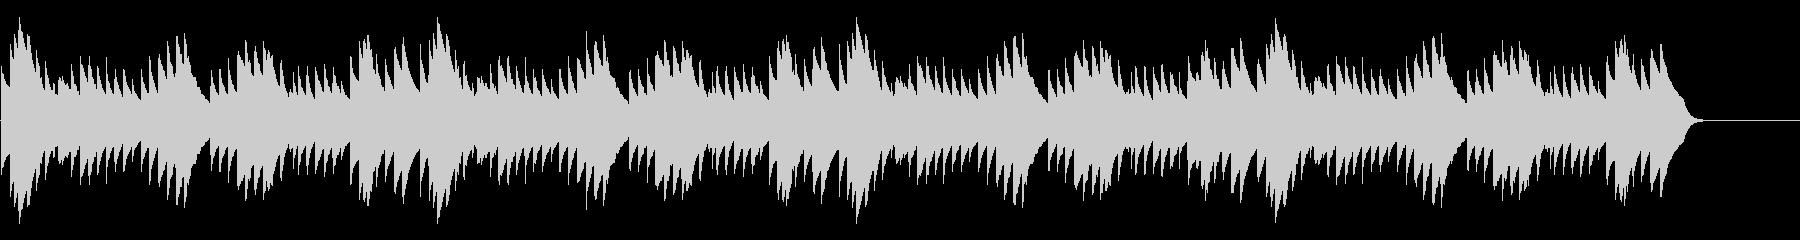 シャボン玉・速い 16bit44kHzの未再生の波形